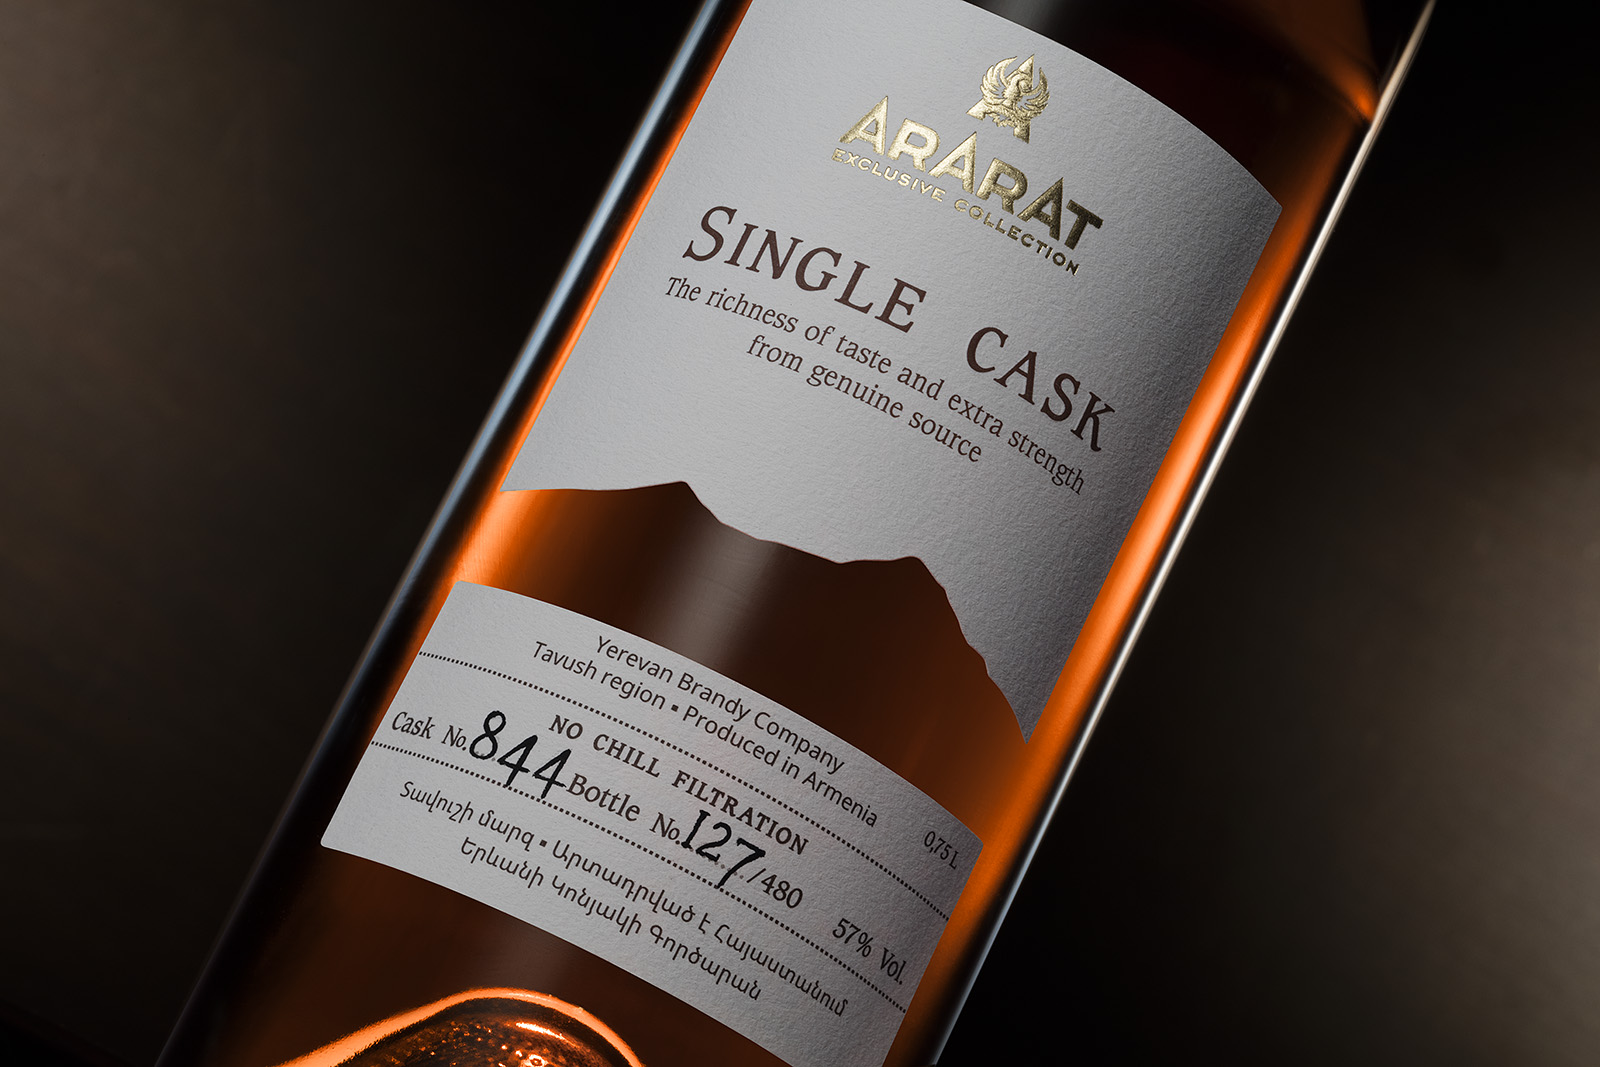 ARARAT Single Cask. Նոր բացառիկ կոնյակ՝ ARARAT Մեկ Տակառից